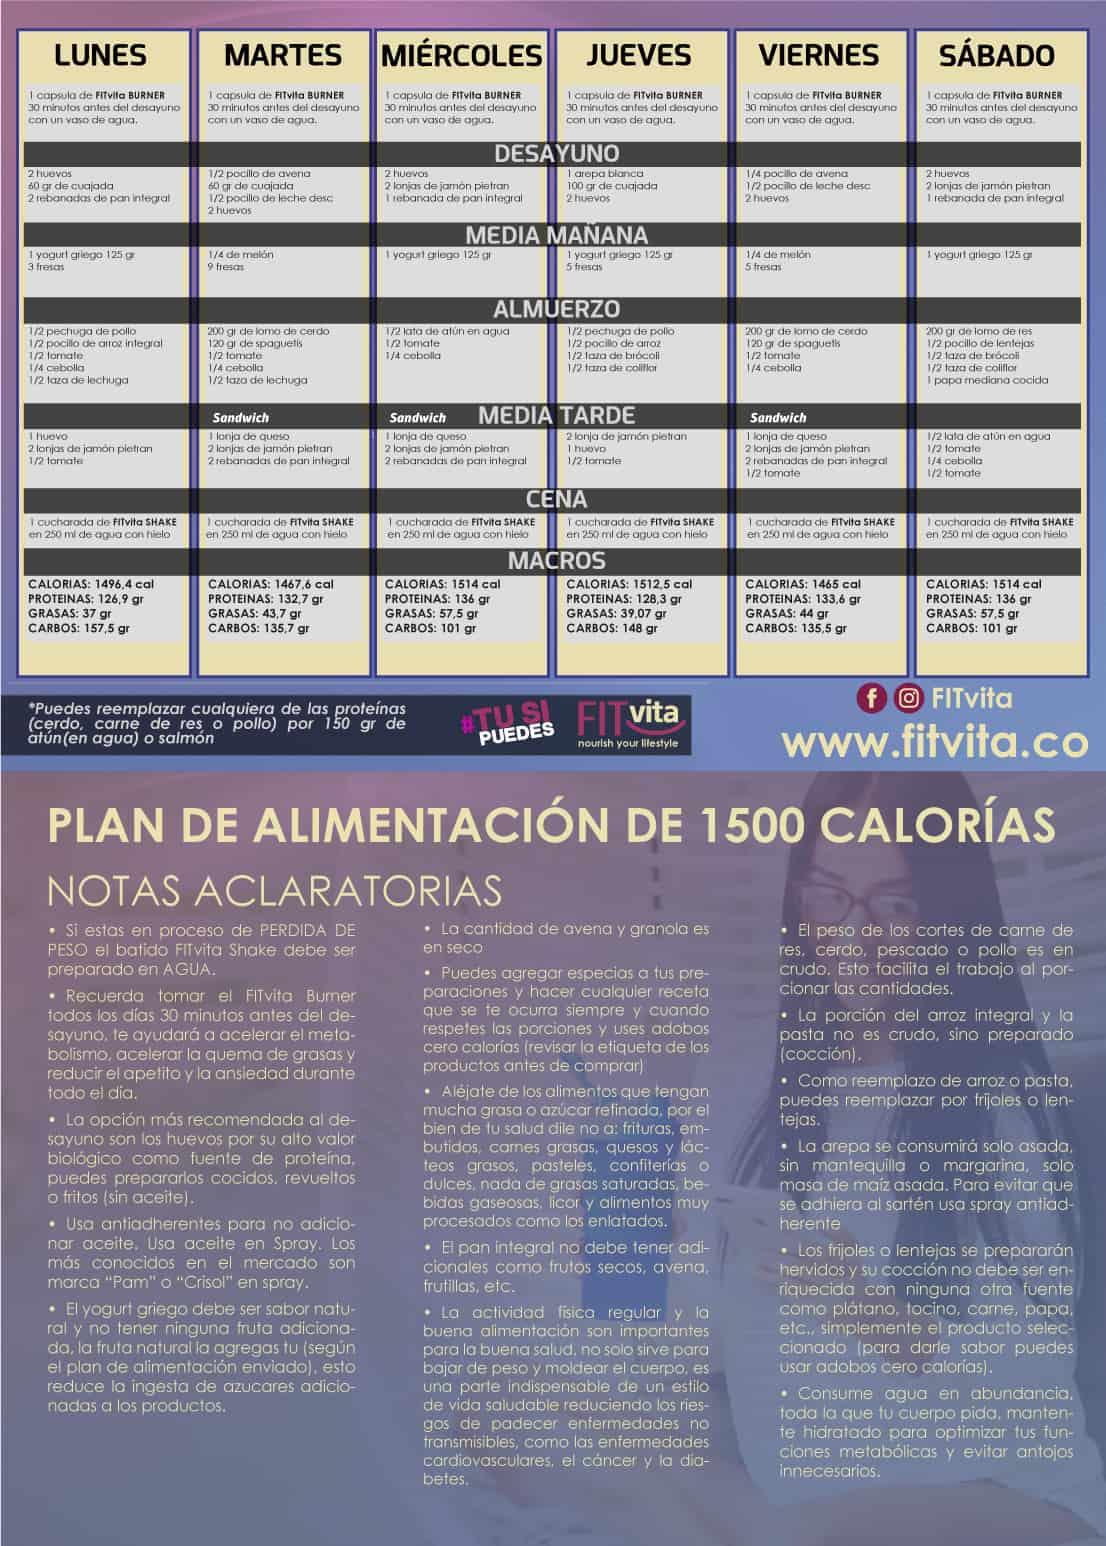 plan de alimentación de 1500 calorías - FITvita